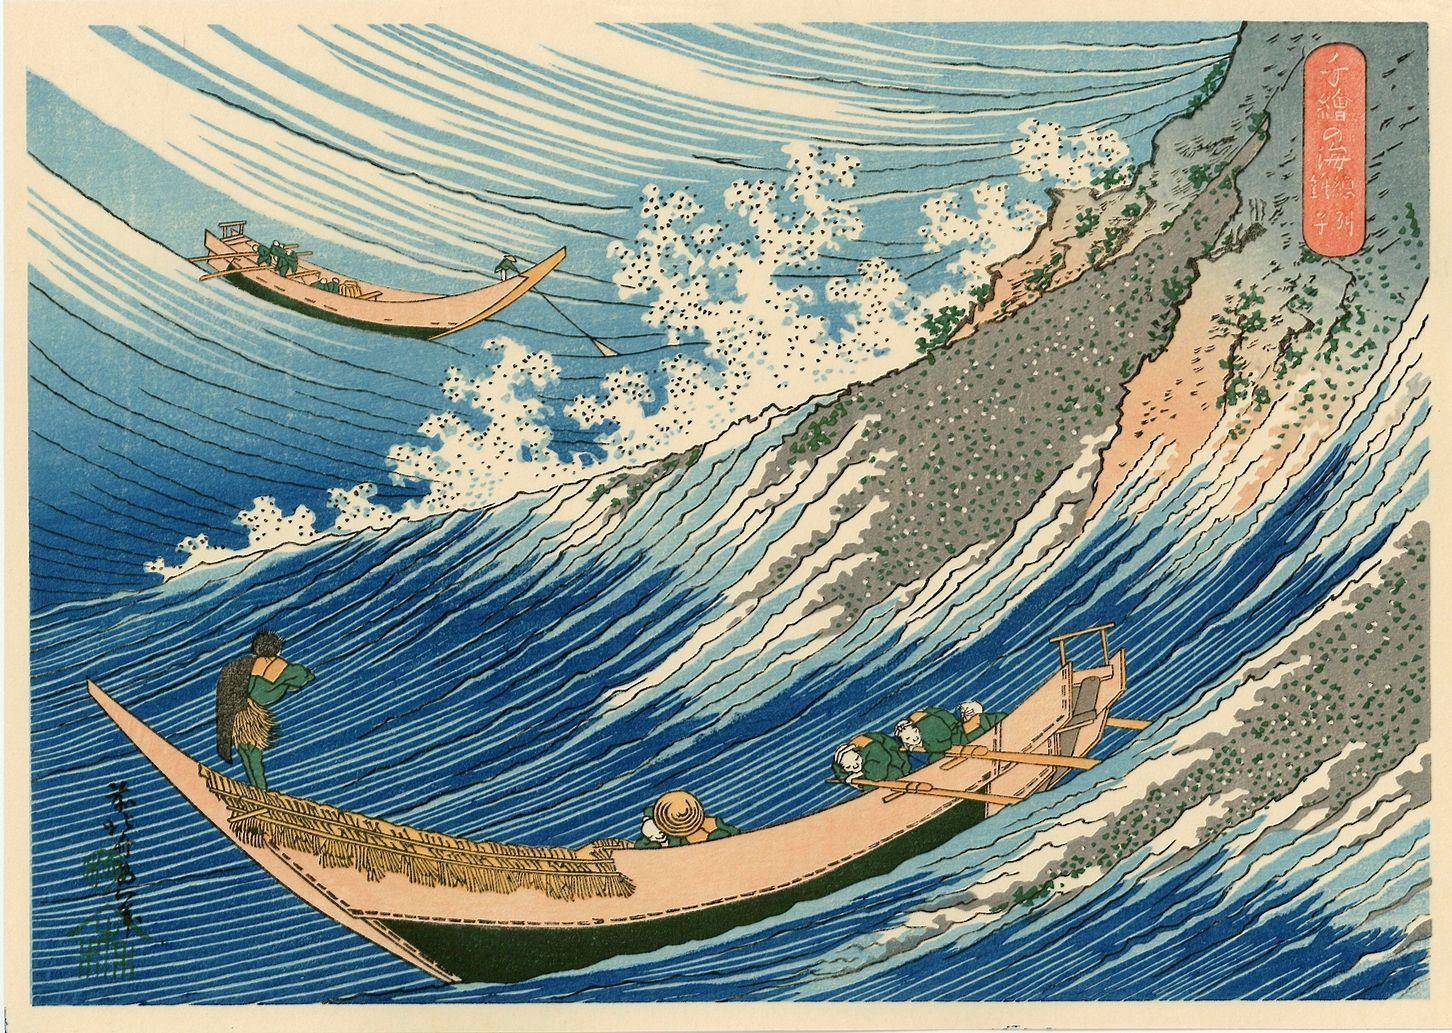 Veritable Estampe Japonaise De Hokusai Quot Les Bateaux De Peche A Choshi Shimosa Quot Japanese Woodcut Japanese Woodblock Printing Japanese Painting